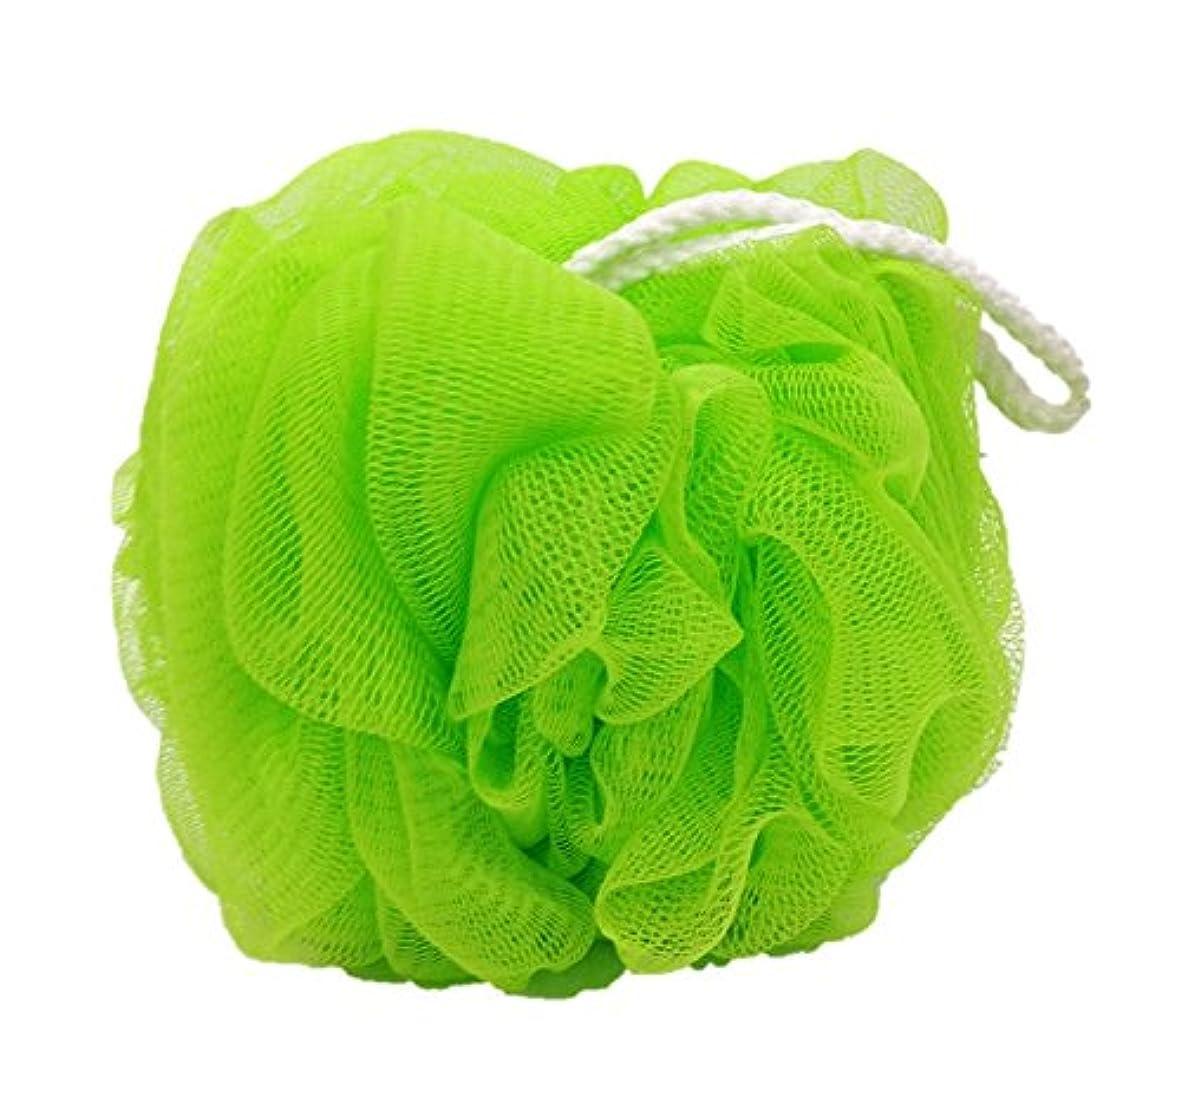 モンスター序文胚オーエ ホイッぷる ボール ふつう 泡立て ネット グリーン 約22×14×14cm もこもこ 洗える